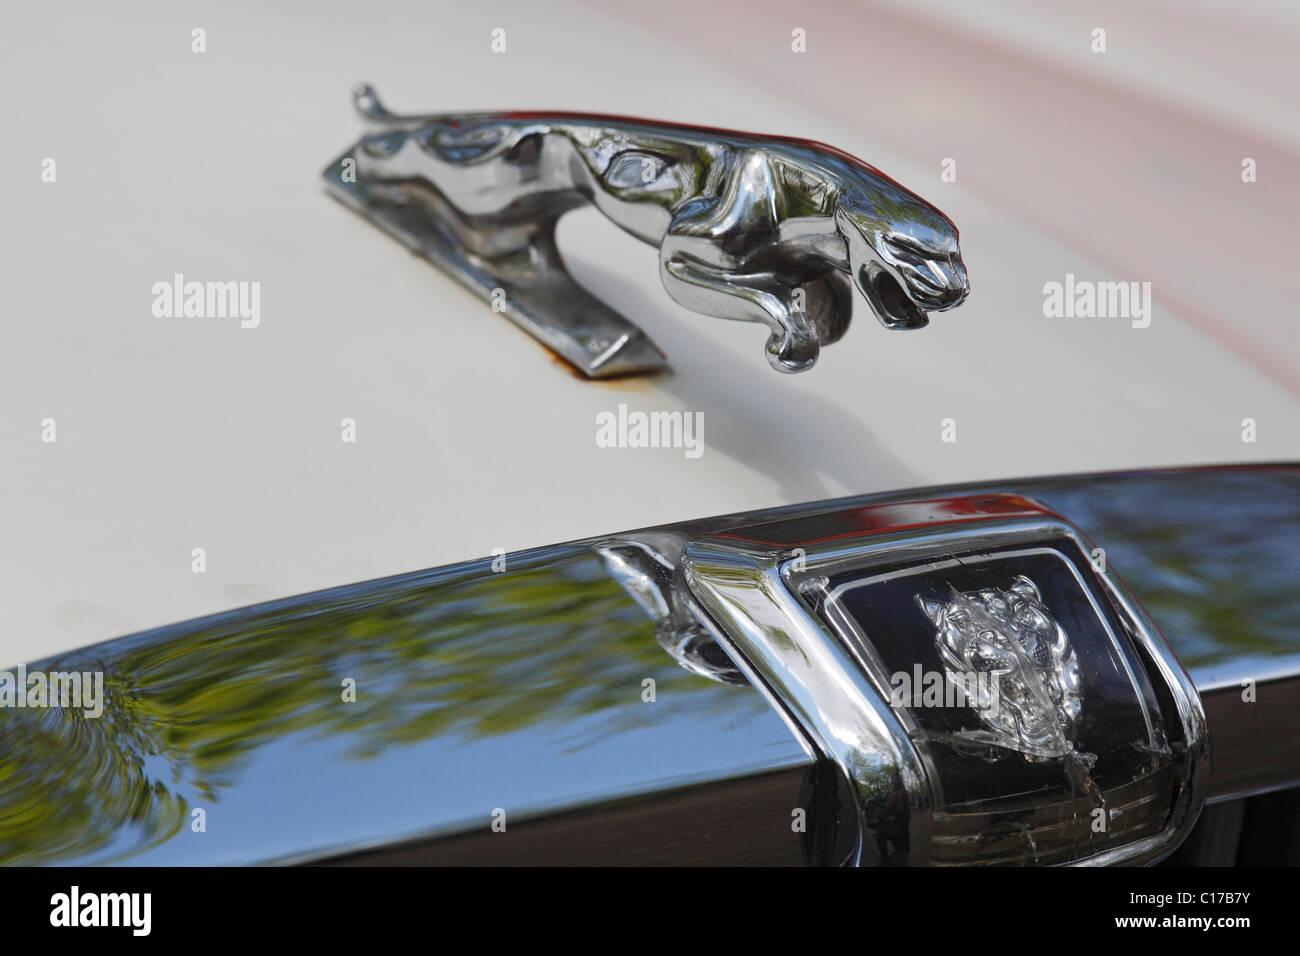 jaguar logos stock photos jaguar logos stock images alamy